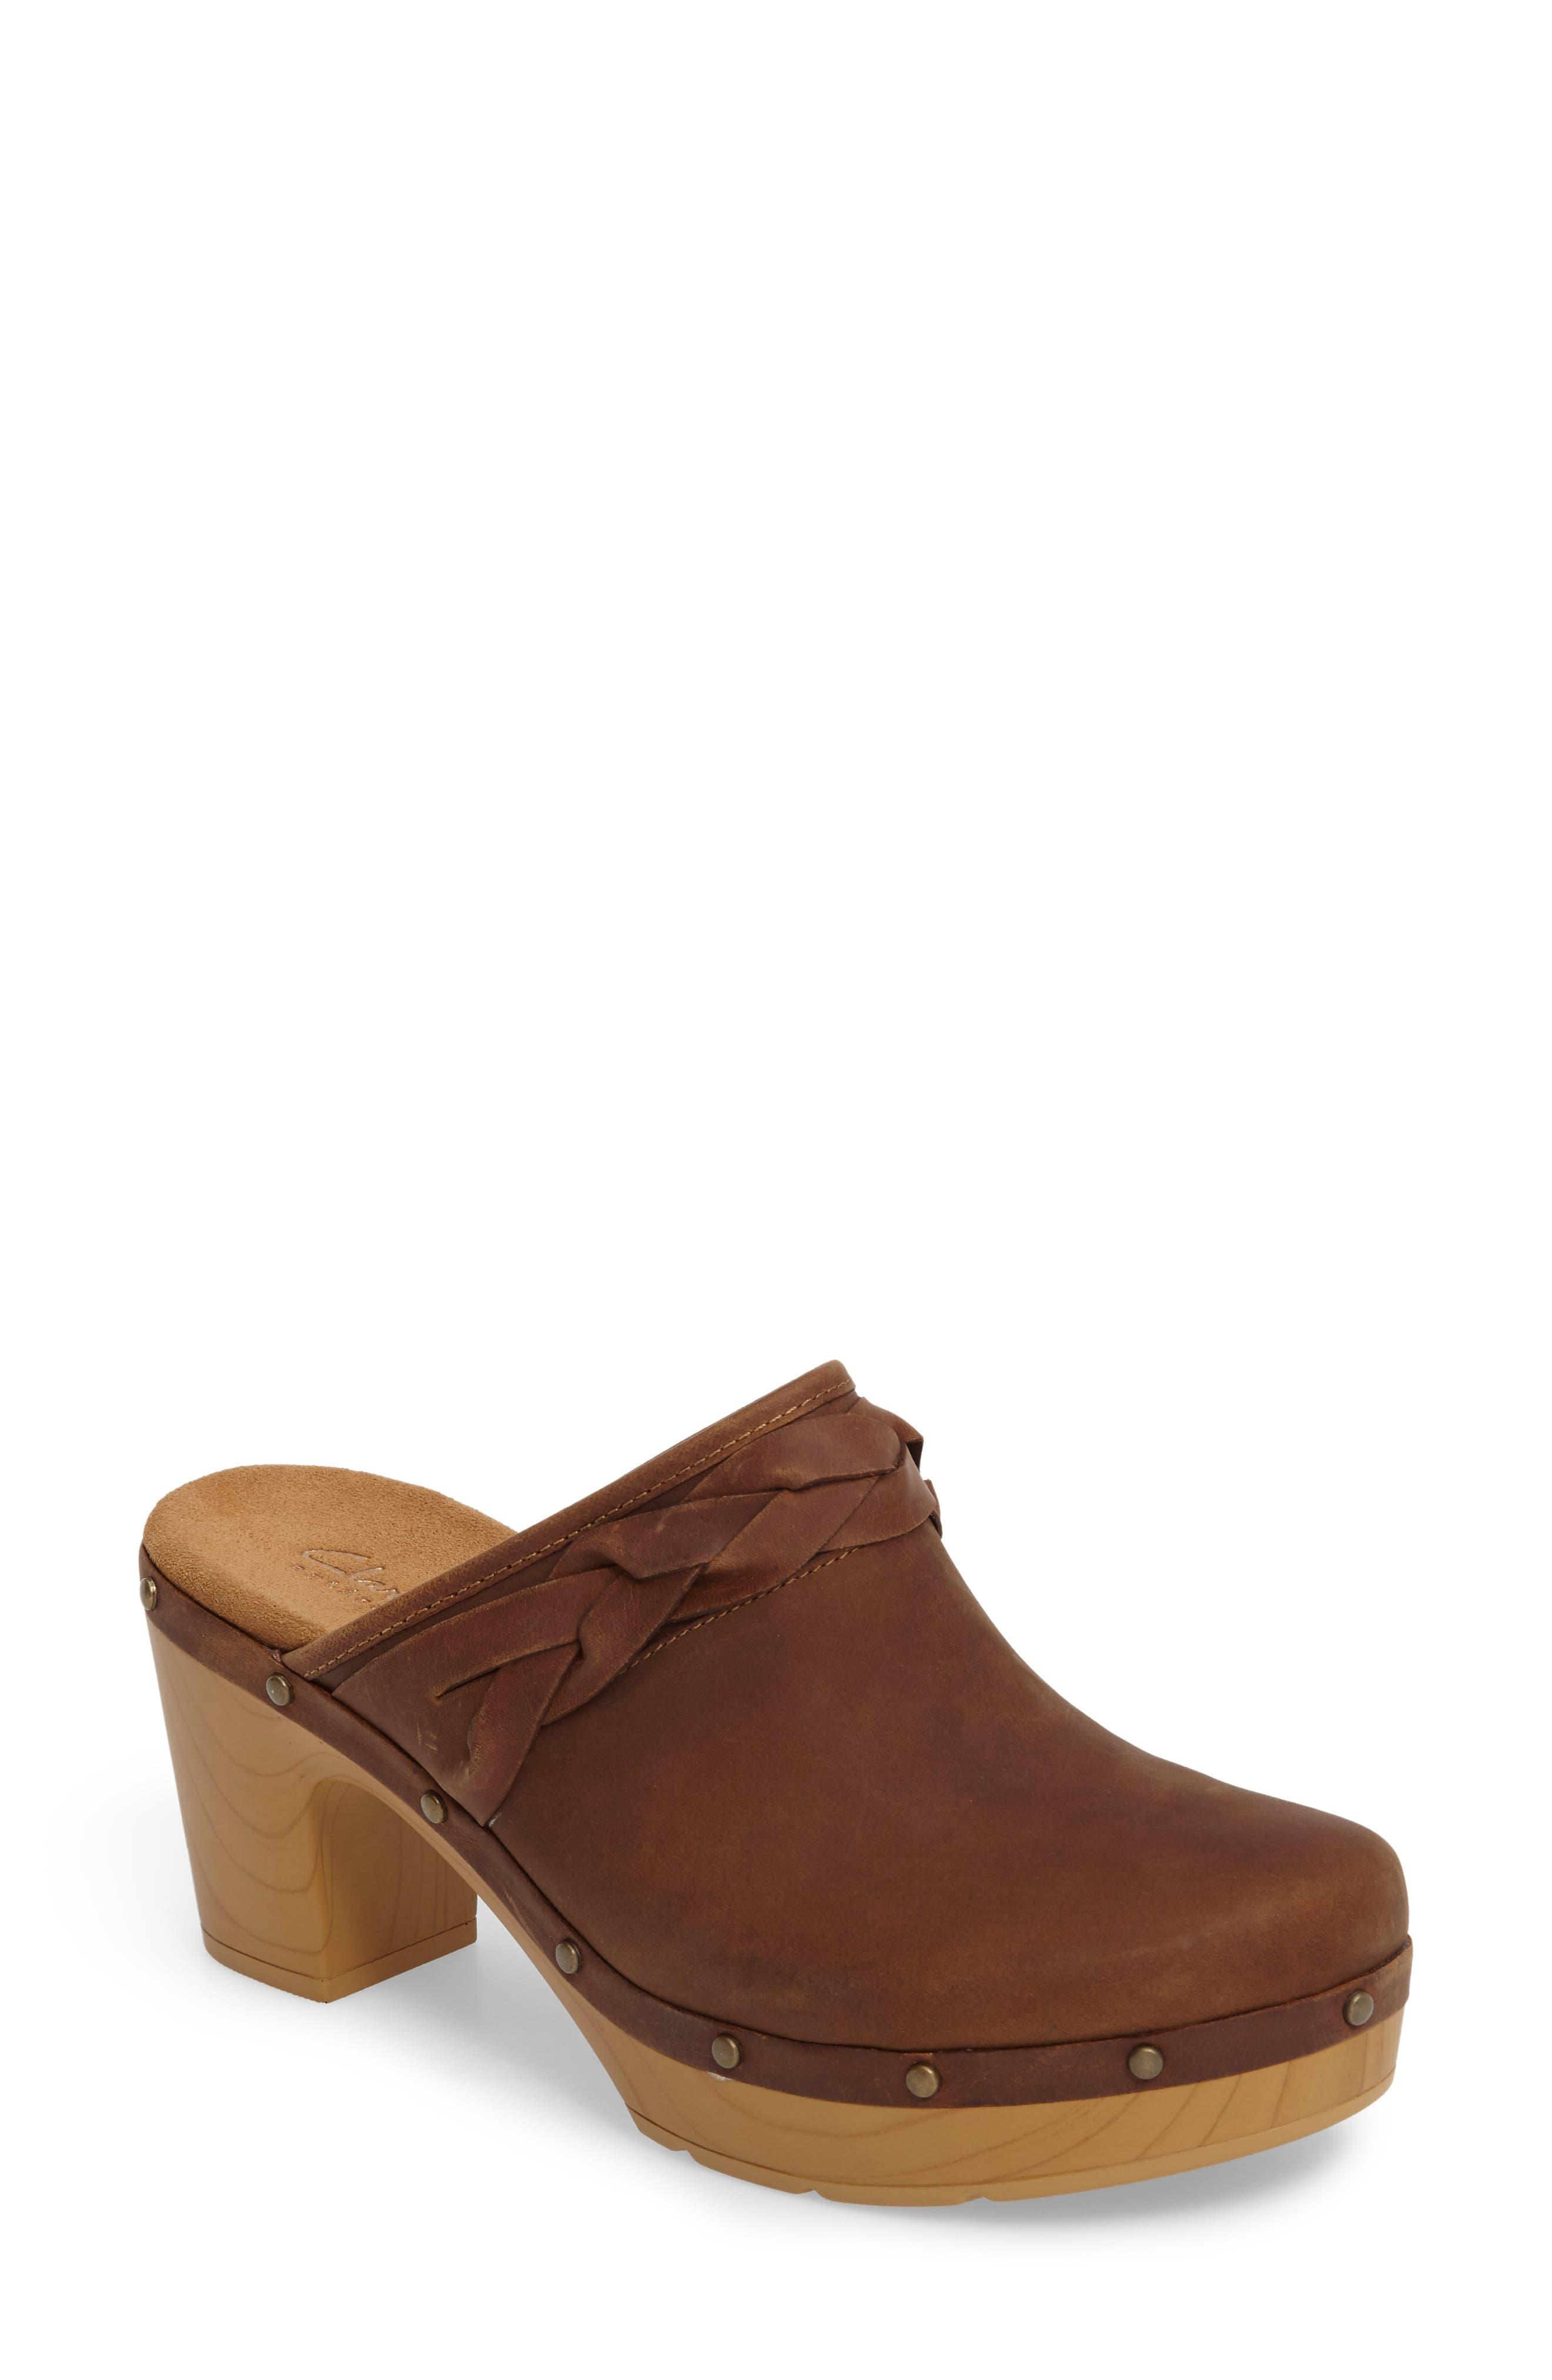 Alternate Image 1 Selected - Clarks® Ledella Meg Platform Clog (Women)